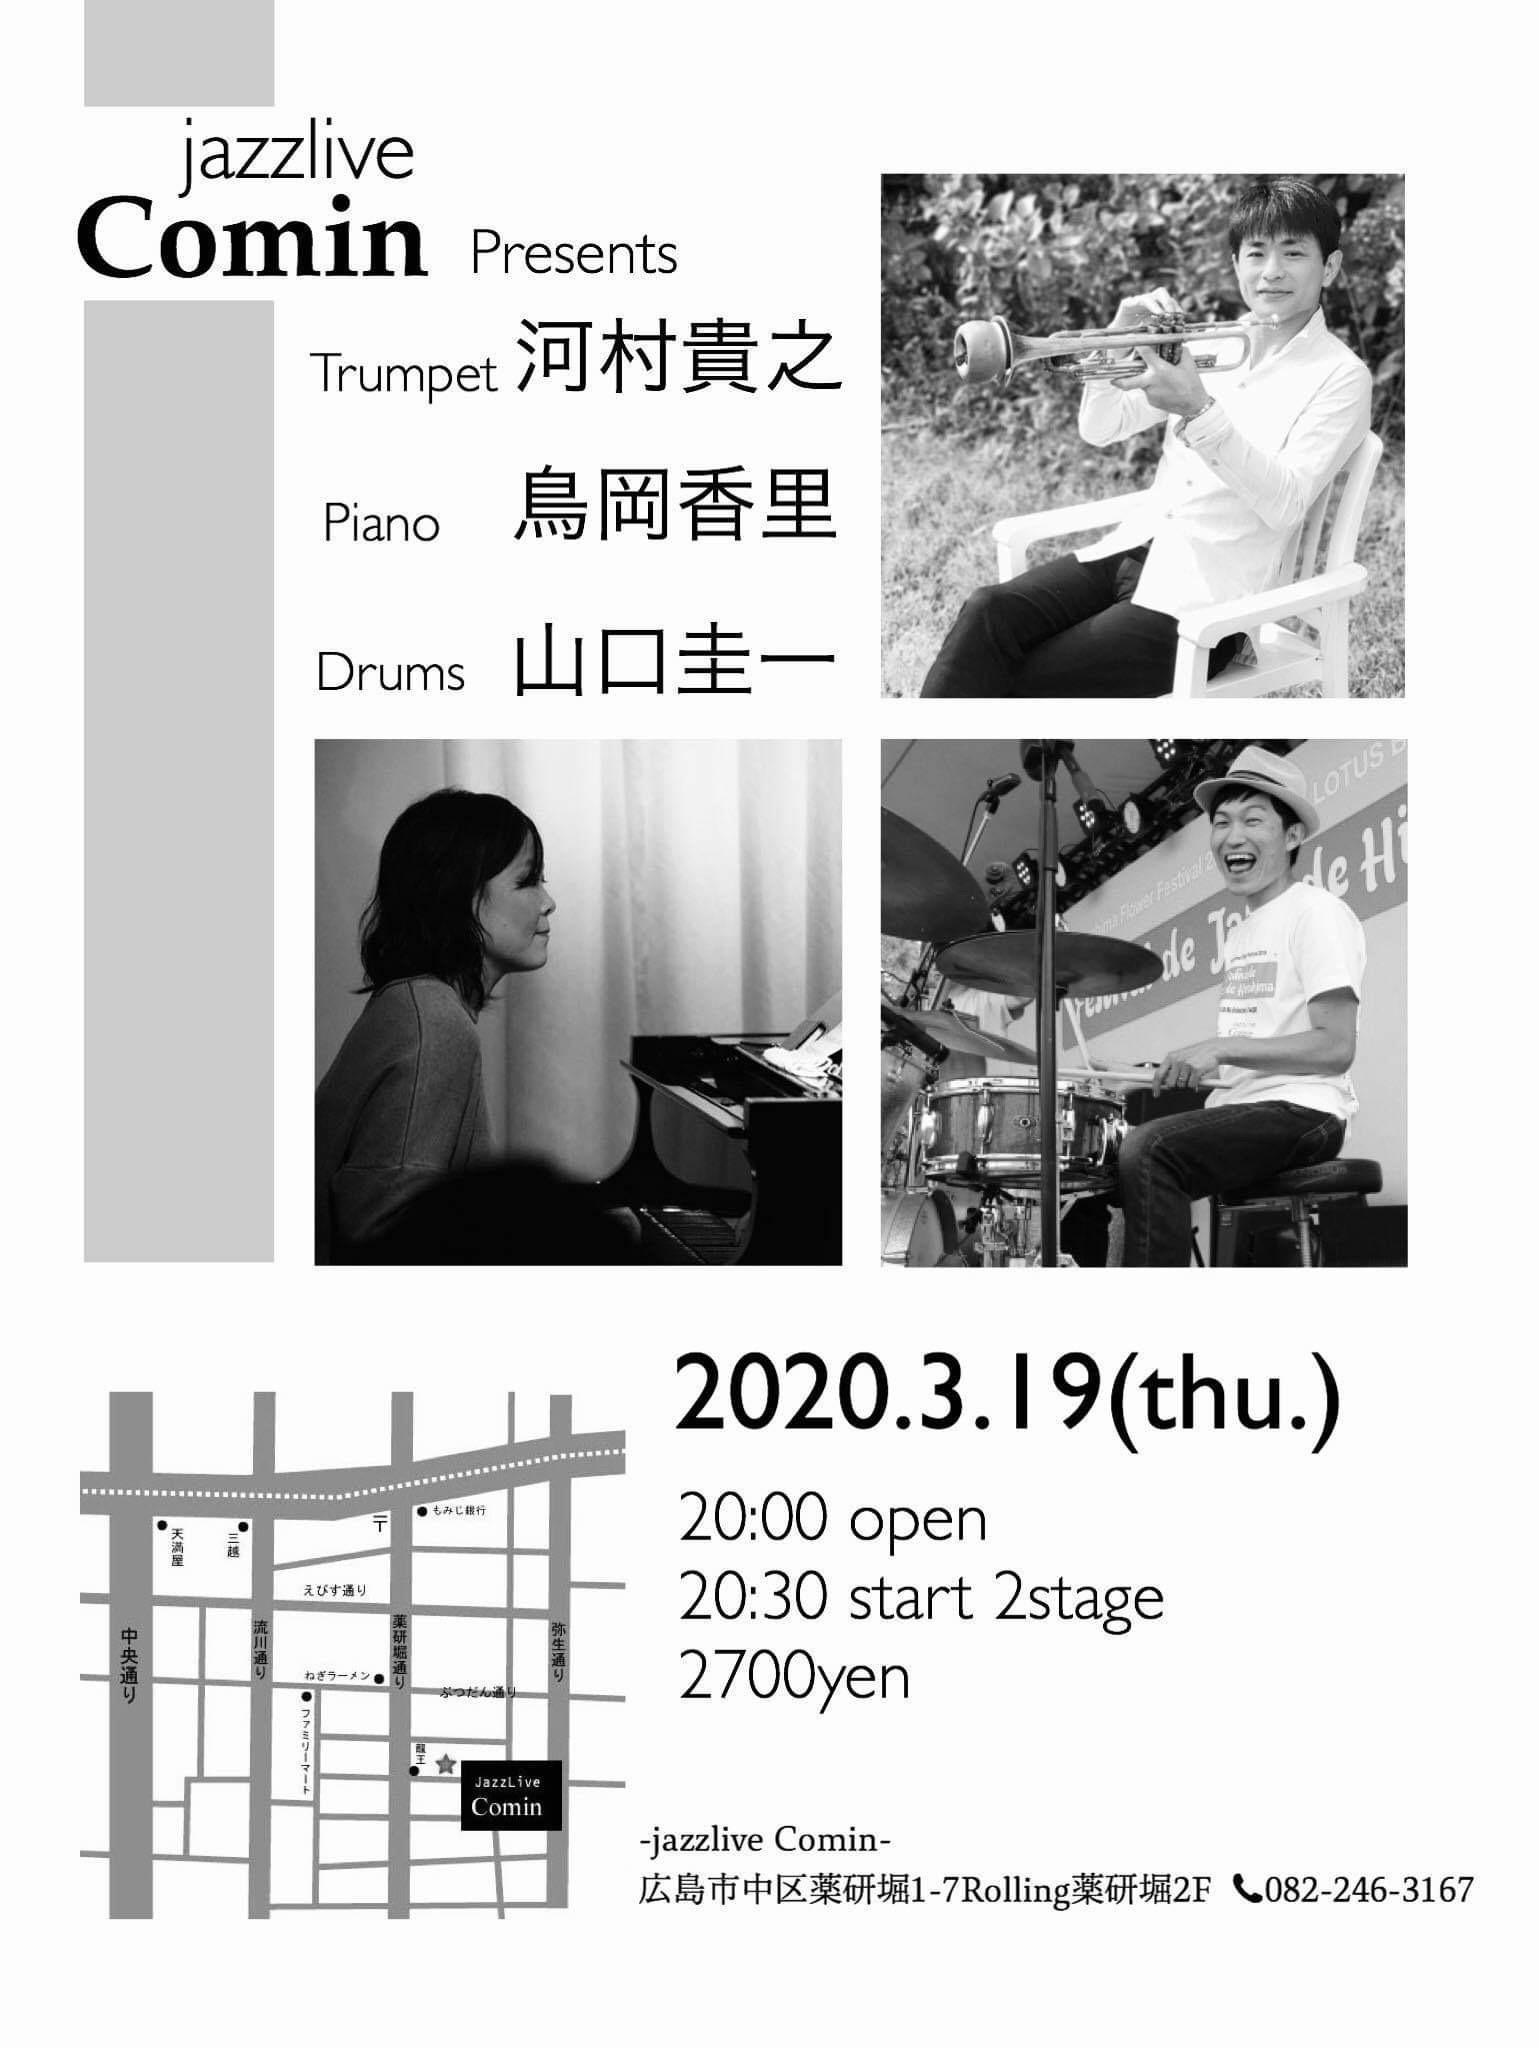 広島 Jazzlive Cominジャズライブカミン   本日3月19日木曜日のライブ_b0115606_11545960.jpeg